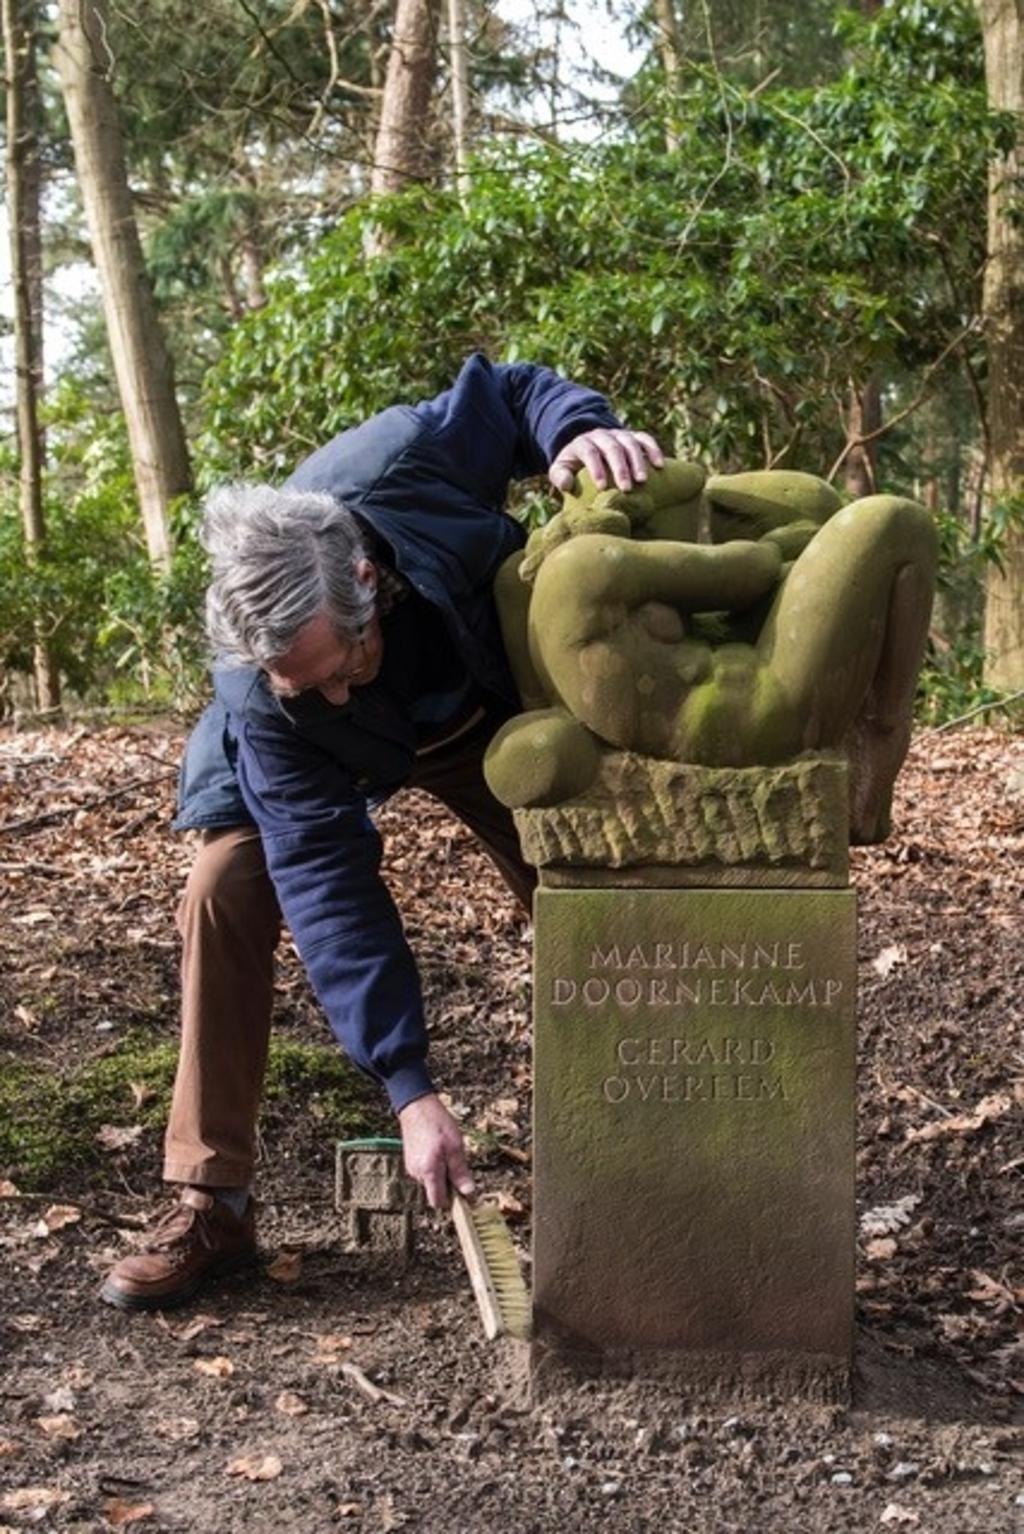 Beeldhouwer Gerard Overeem maakte dit beeld dat straks zijn eigen graf zal sieren.  <p>foto: Gerda Kalmann</p> © BDU media